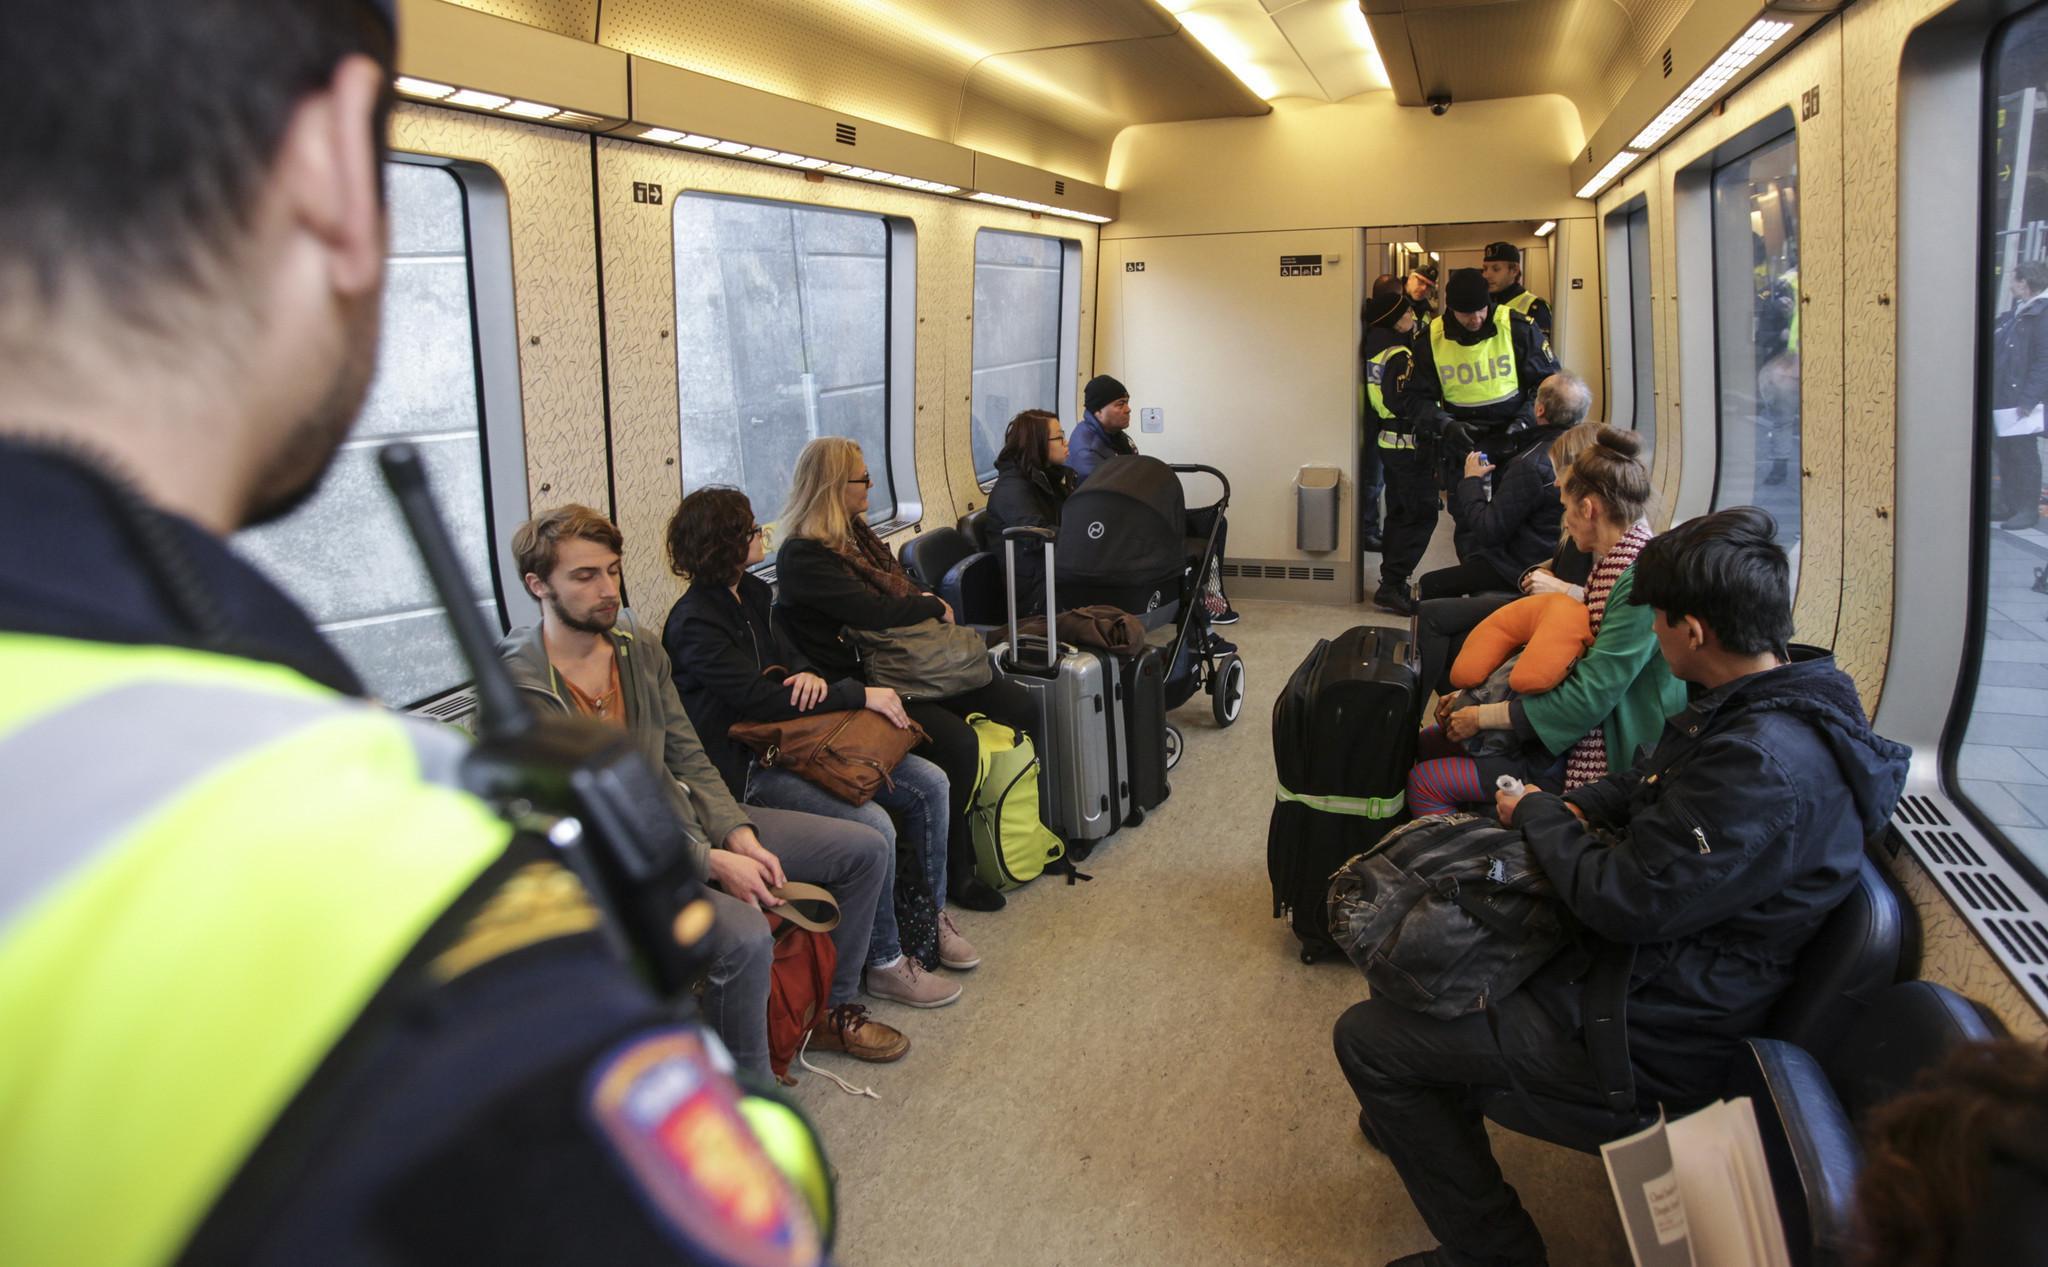 İsveç ve Danimarka sınır kontrolüne başladı